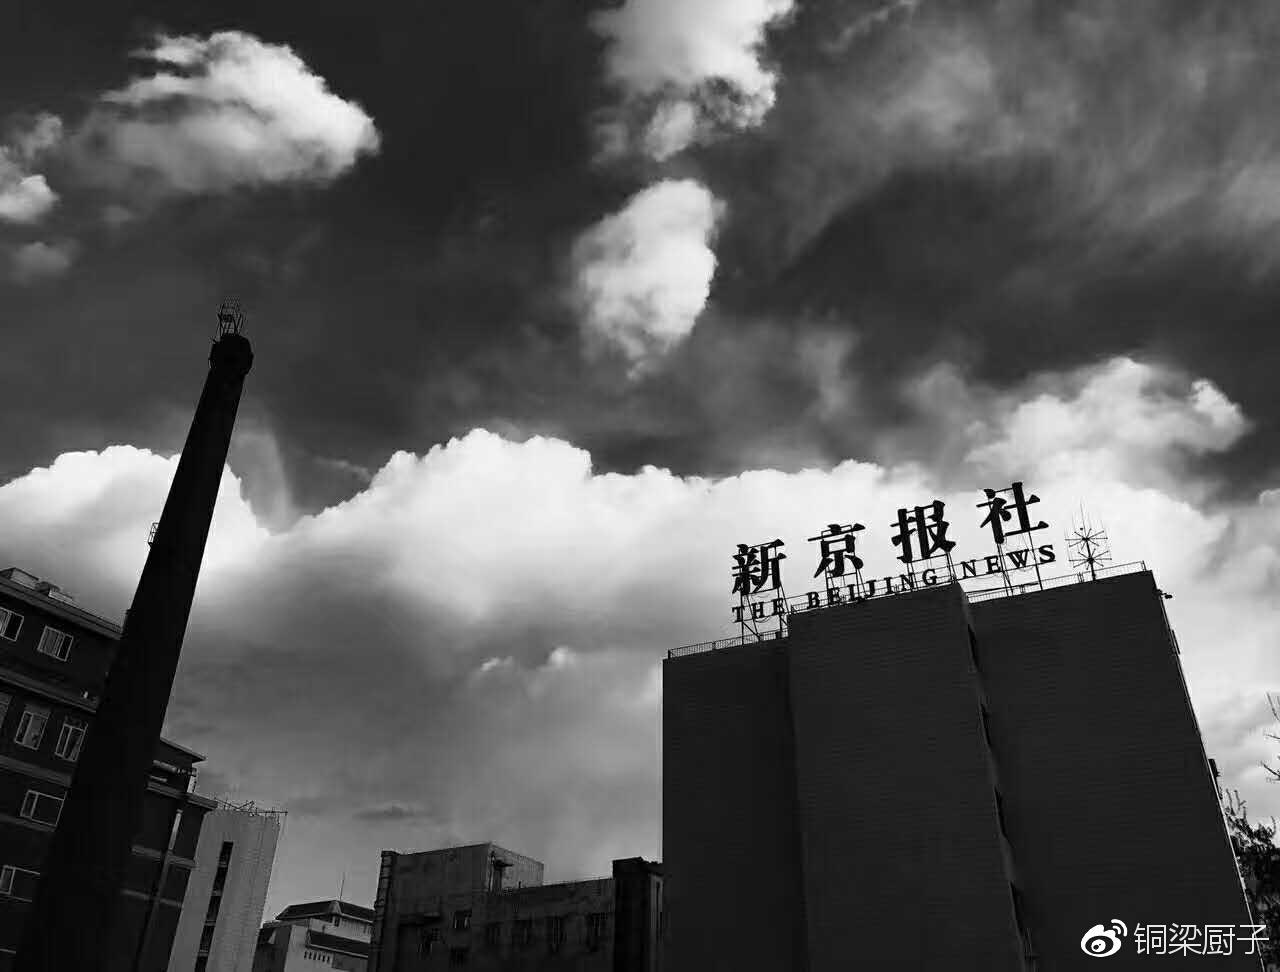 文三娃:传媒江湖与浆糊